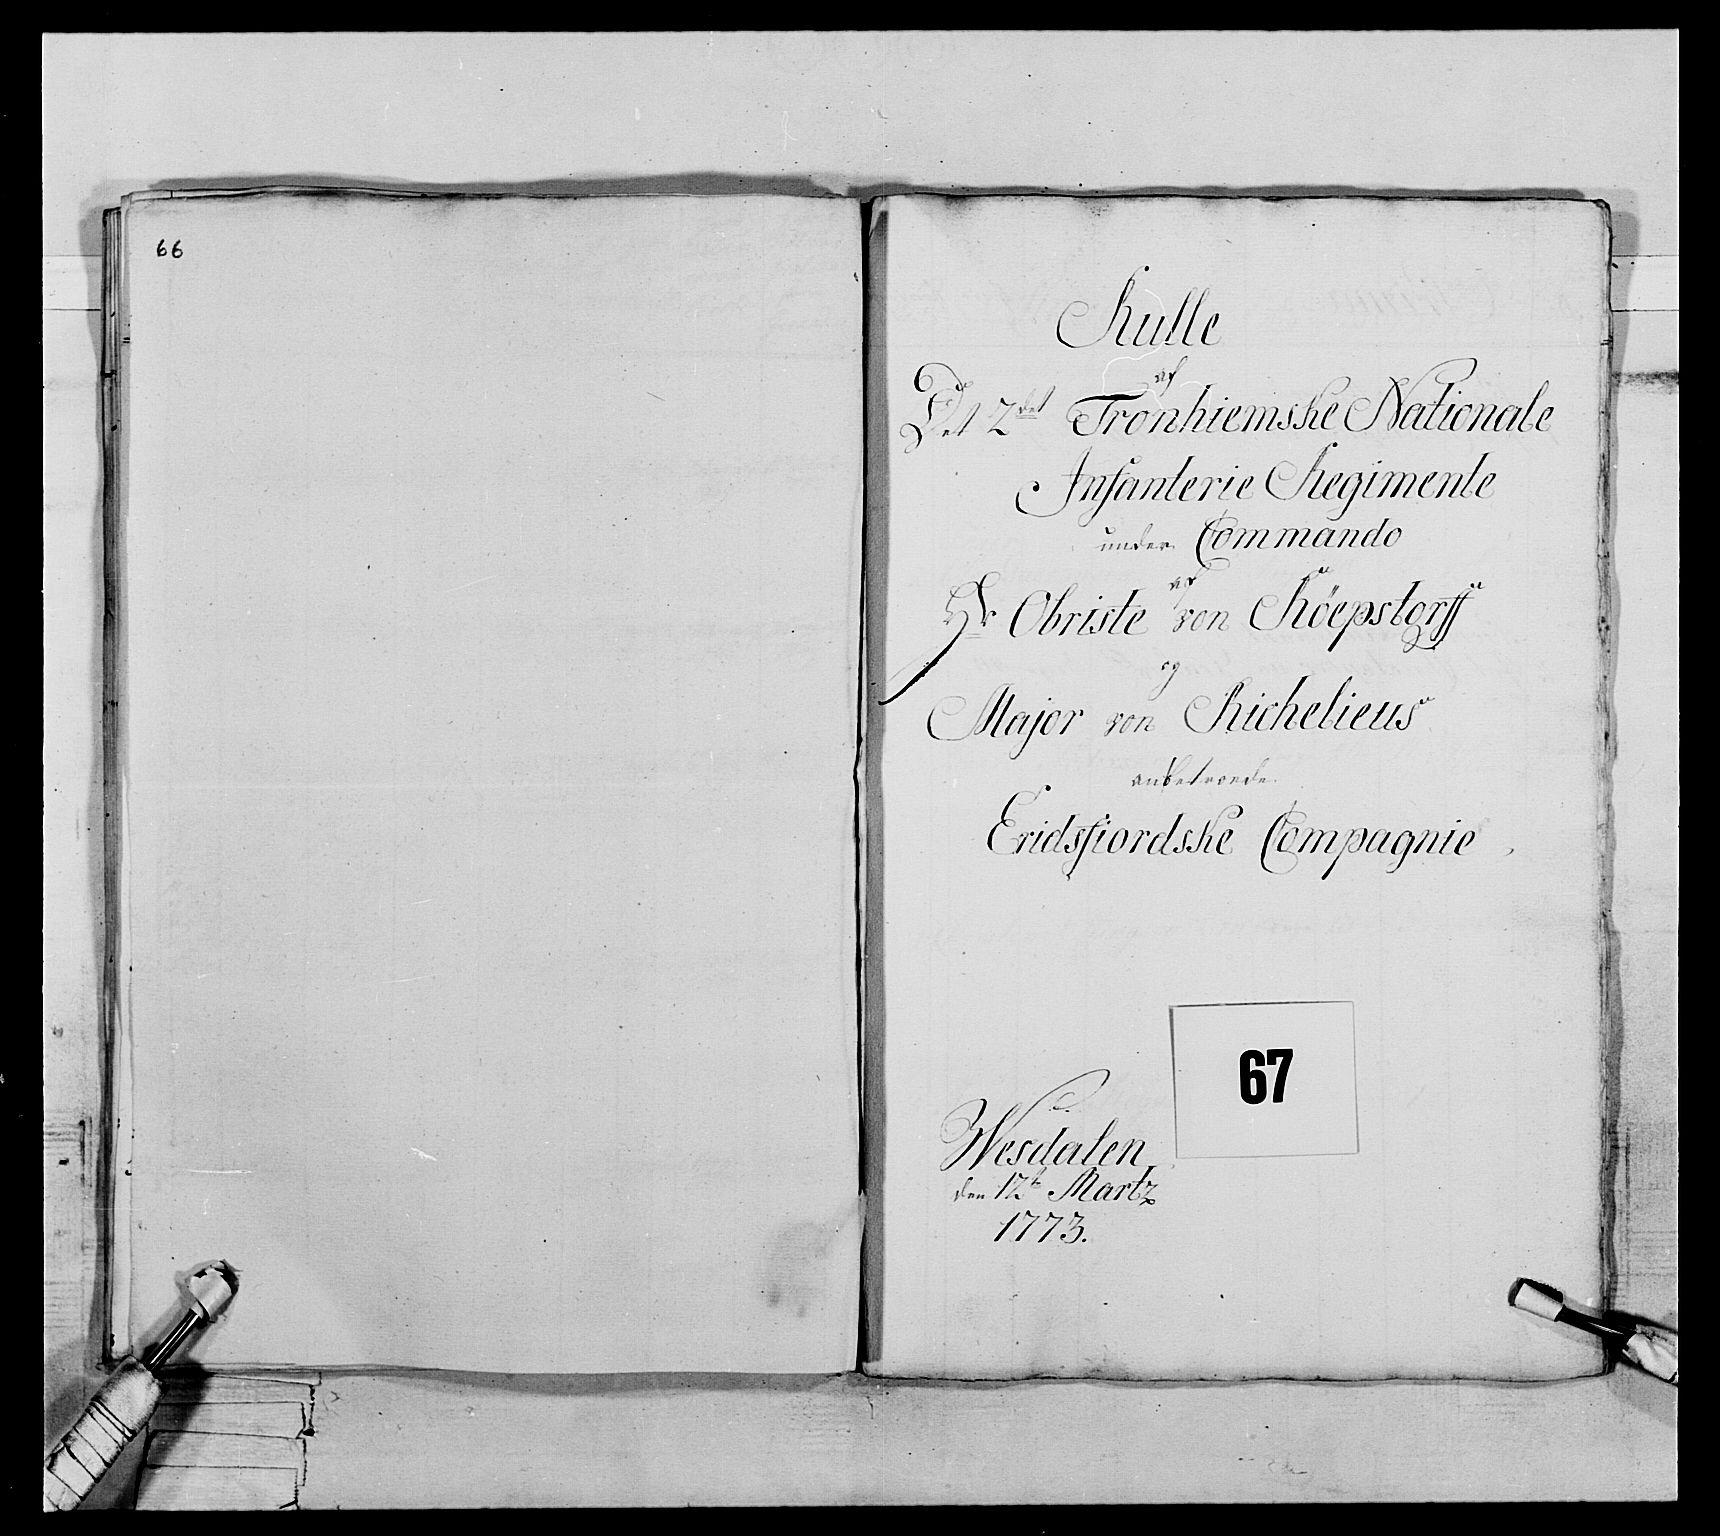 RA, Generalitets- og kommissariatskollegiet, Det kongelige norske kommissariatskollegium, E/Eh/L0076: 2. Trondheimske nasjonale infanteriregiment, 1766-1773, s. 259